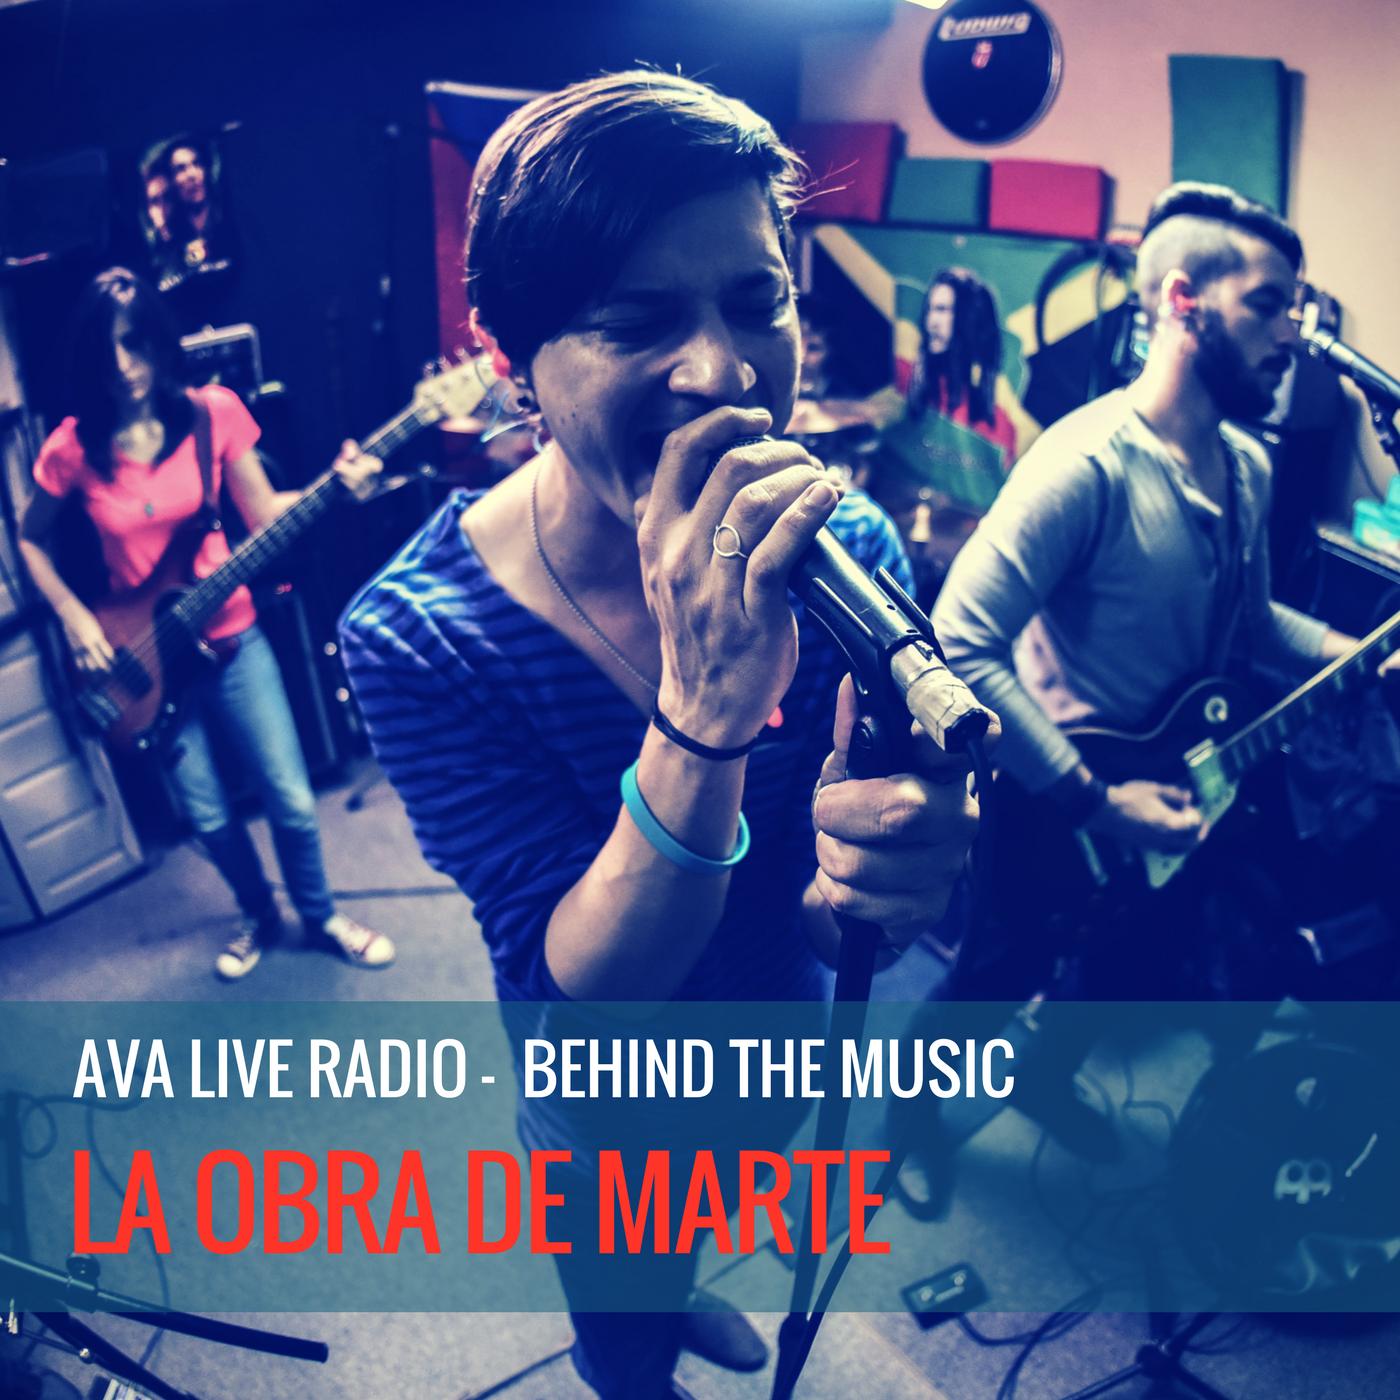 La-Obra-De-Marte-avaliveradio-1.png